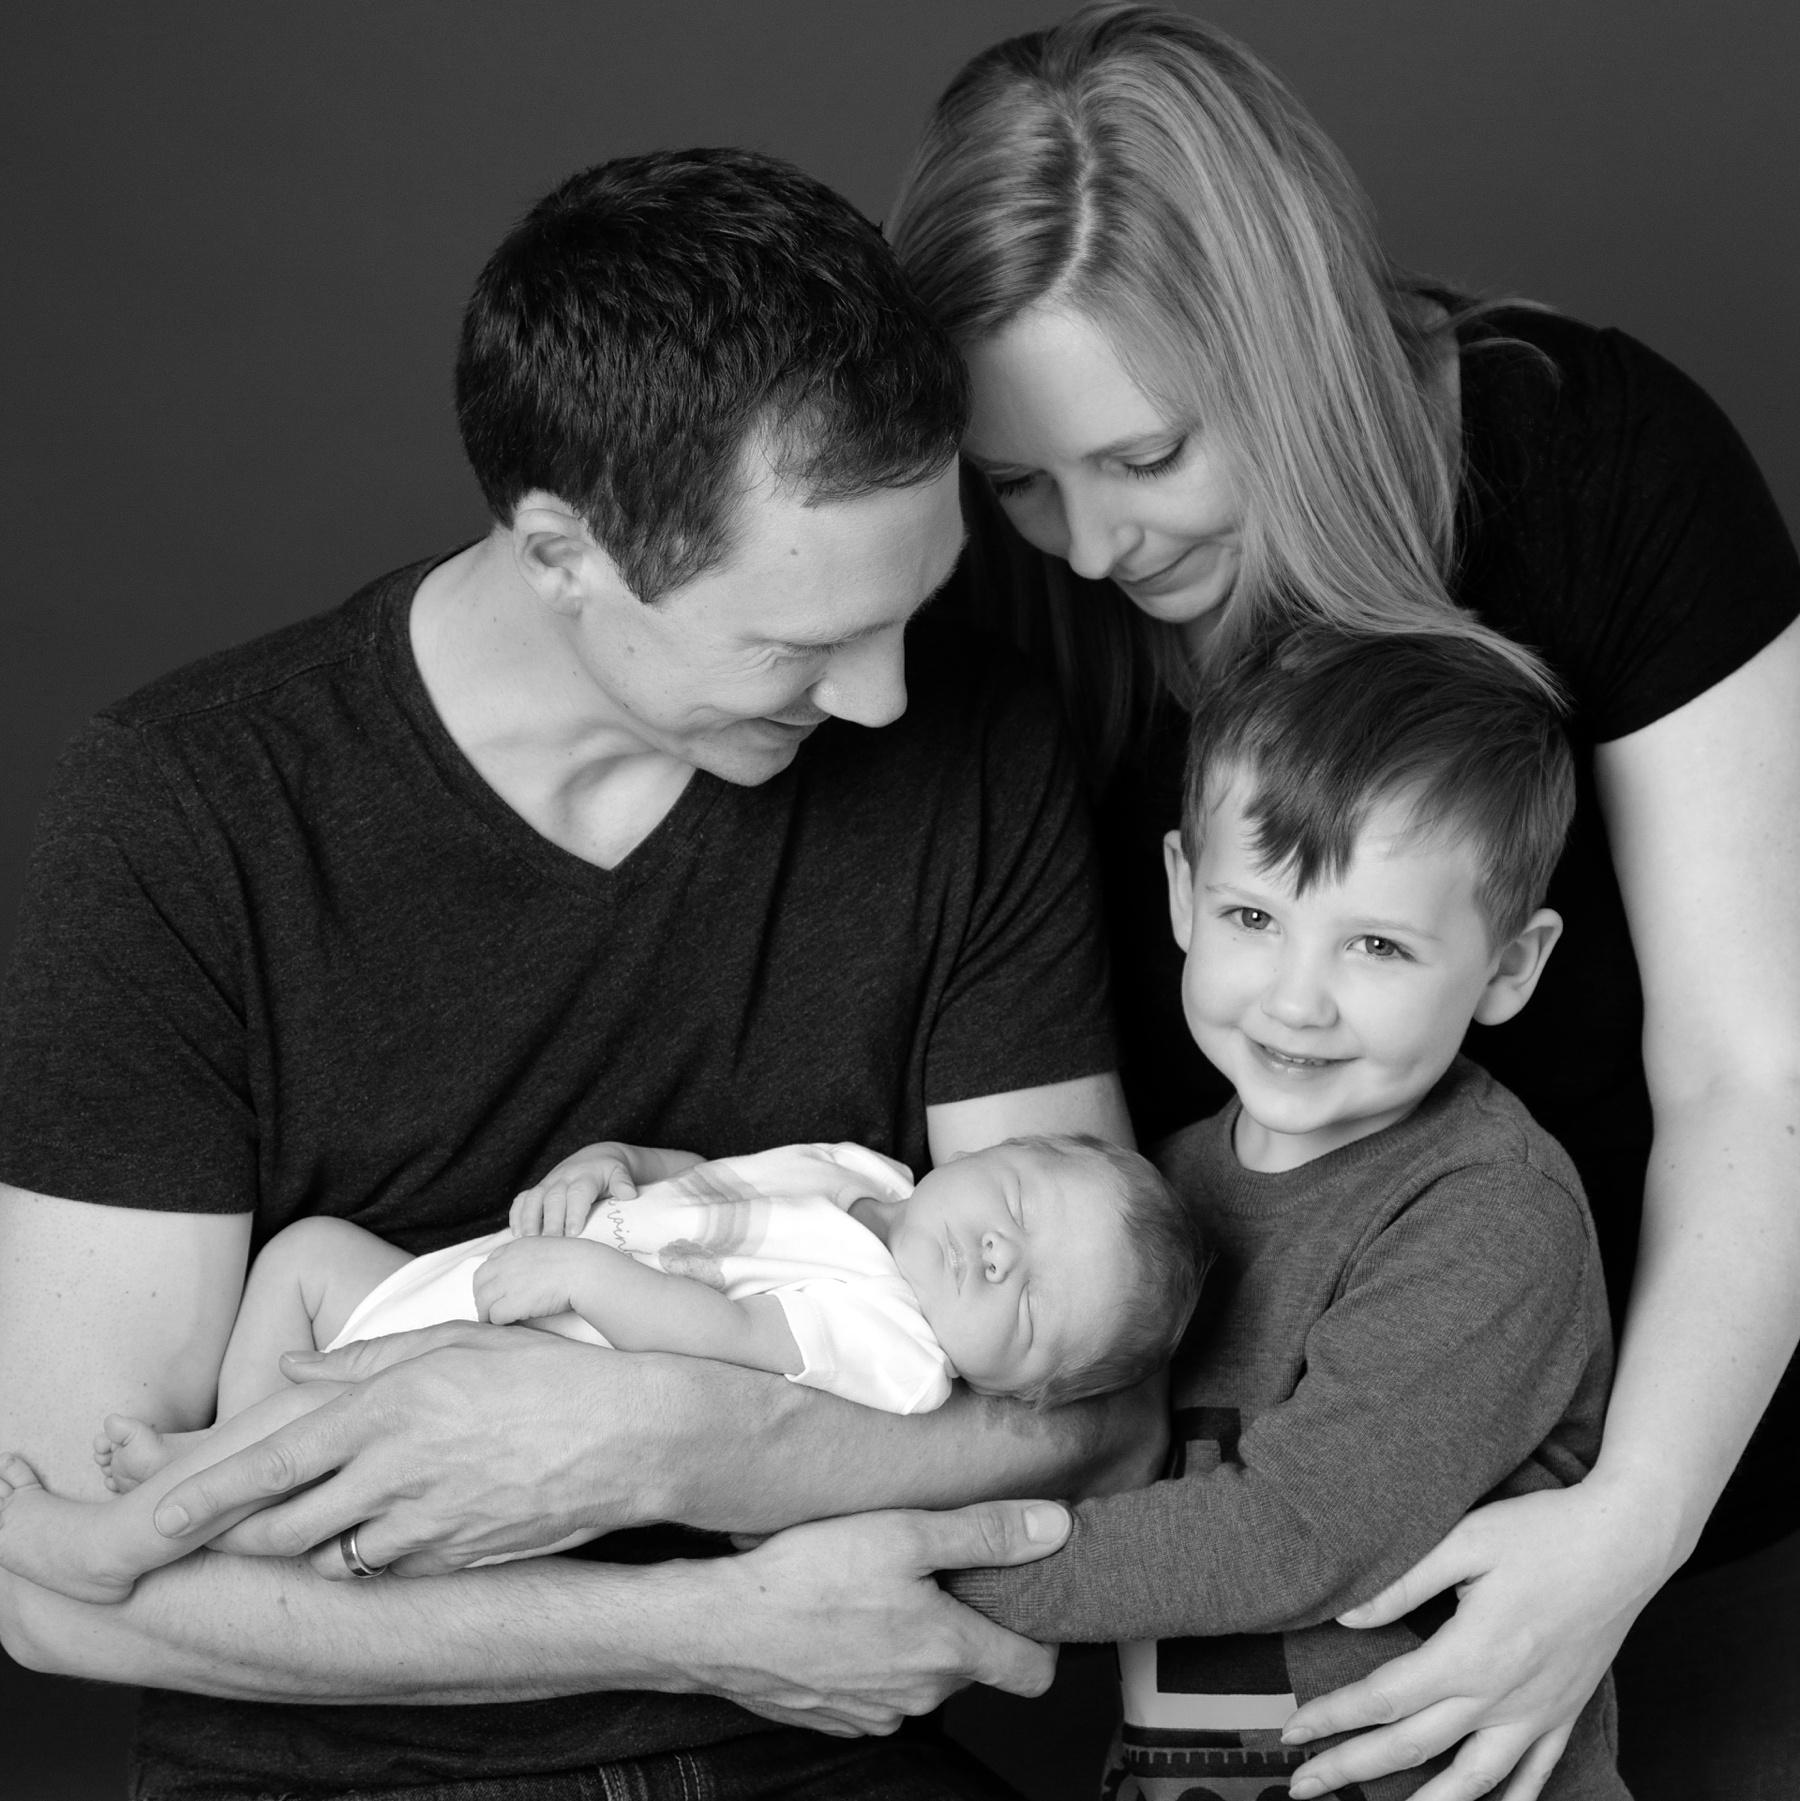 Newborn Baby Photoshoot Edinburgh